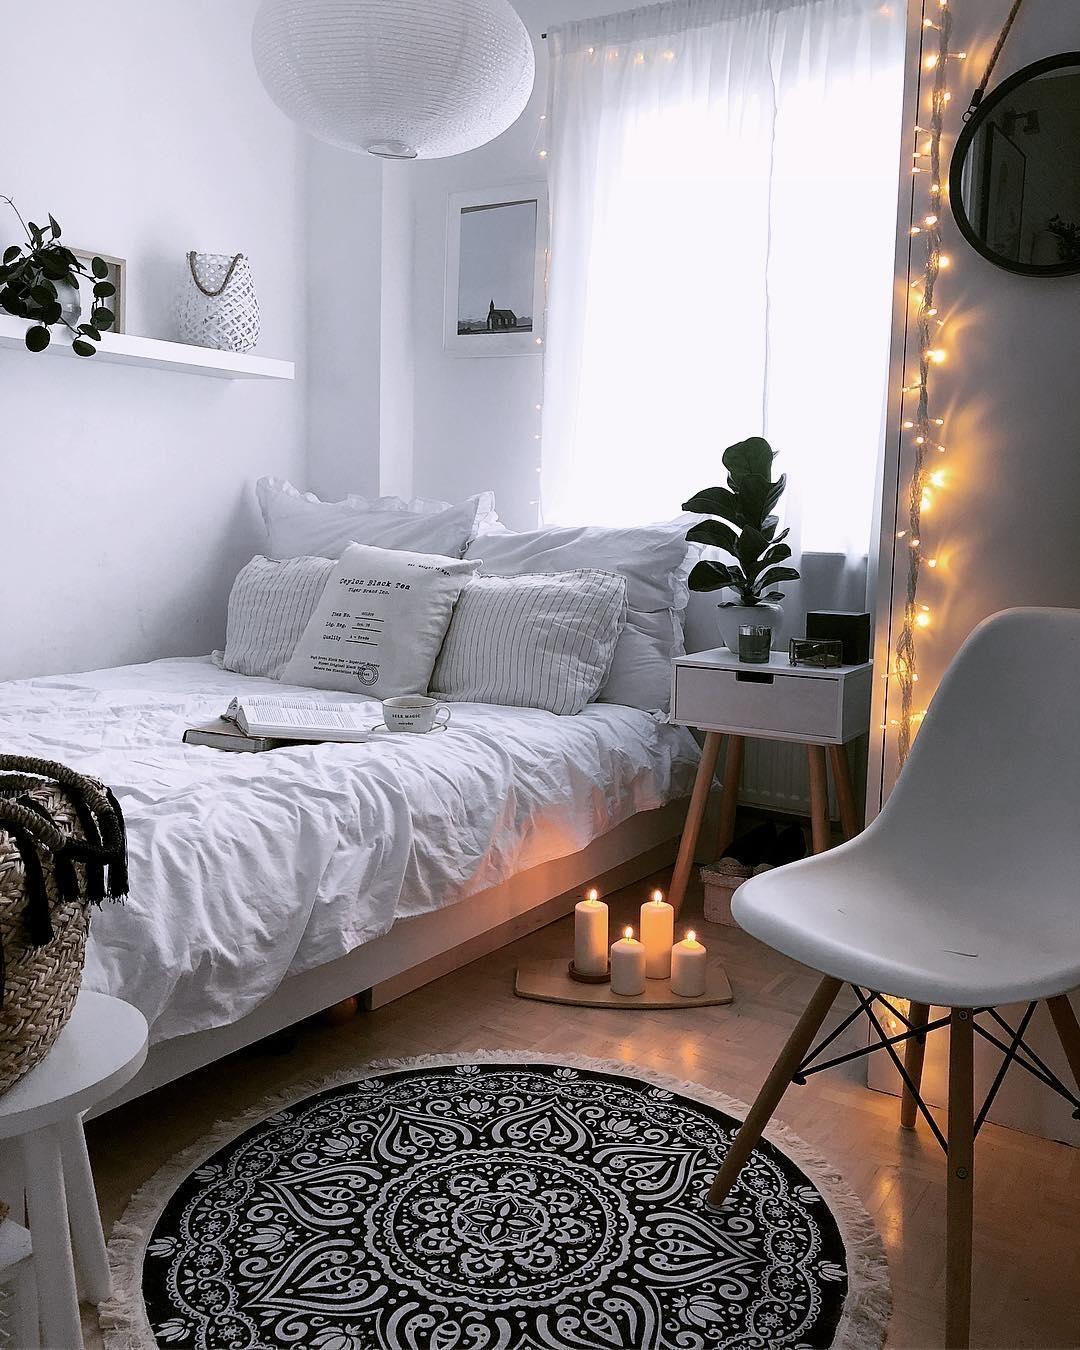 WHITE LIVING - Sommerleichte Interior-Eleganz! Manche mögens weiß! Denn die Farbe, die an Sonnenterrassen von Ibiza bis Capri, an blühende Hortensien und Kokos-Eis erinnert, ist der ultimative Sommerton. Ob für glamouröse Accessoire-Orgien oder Stylings von schlicht bis chic, die Nichtfarbe passt einfach perfekt ins Zuhause und mit Accessoires in unseren Mode-Alltag. // Schlafzimmer Ideen Skandinavisch Weiss Bett Einrichten#Schlafzimmer #Schlafzimmerideen#Skandinavisch #Bett @allyundmax_home #skandinavischwohnen